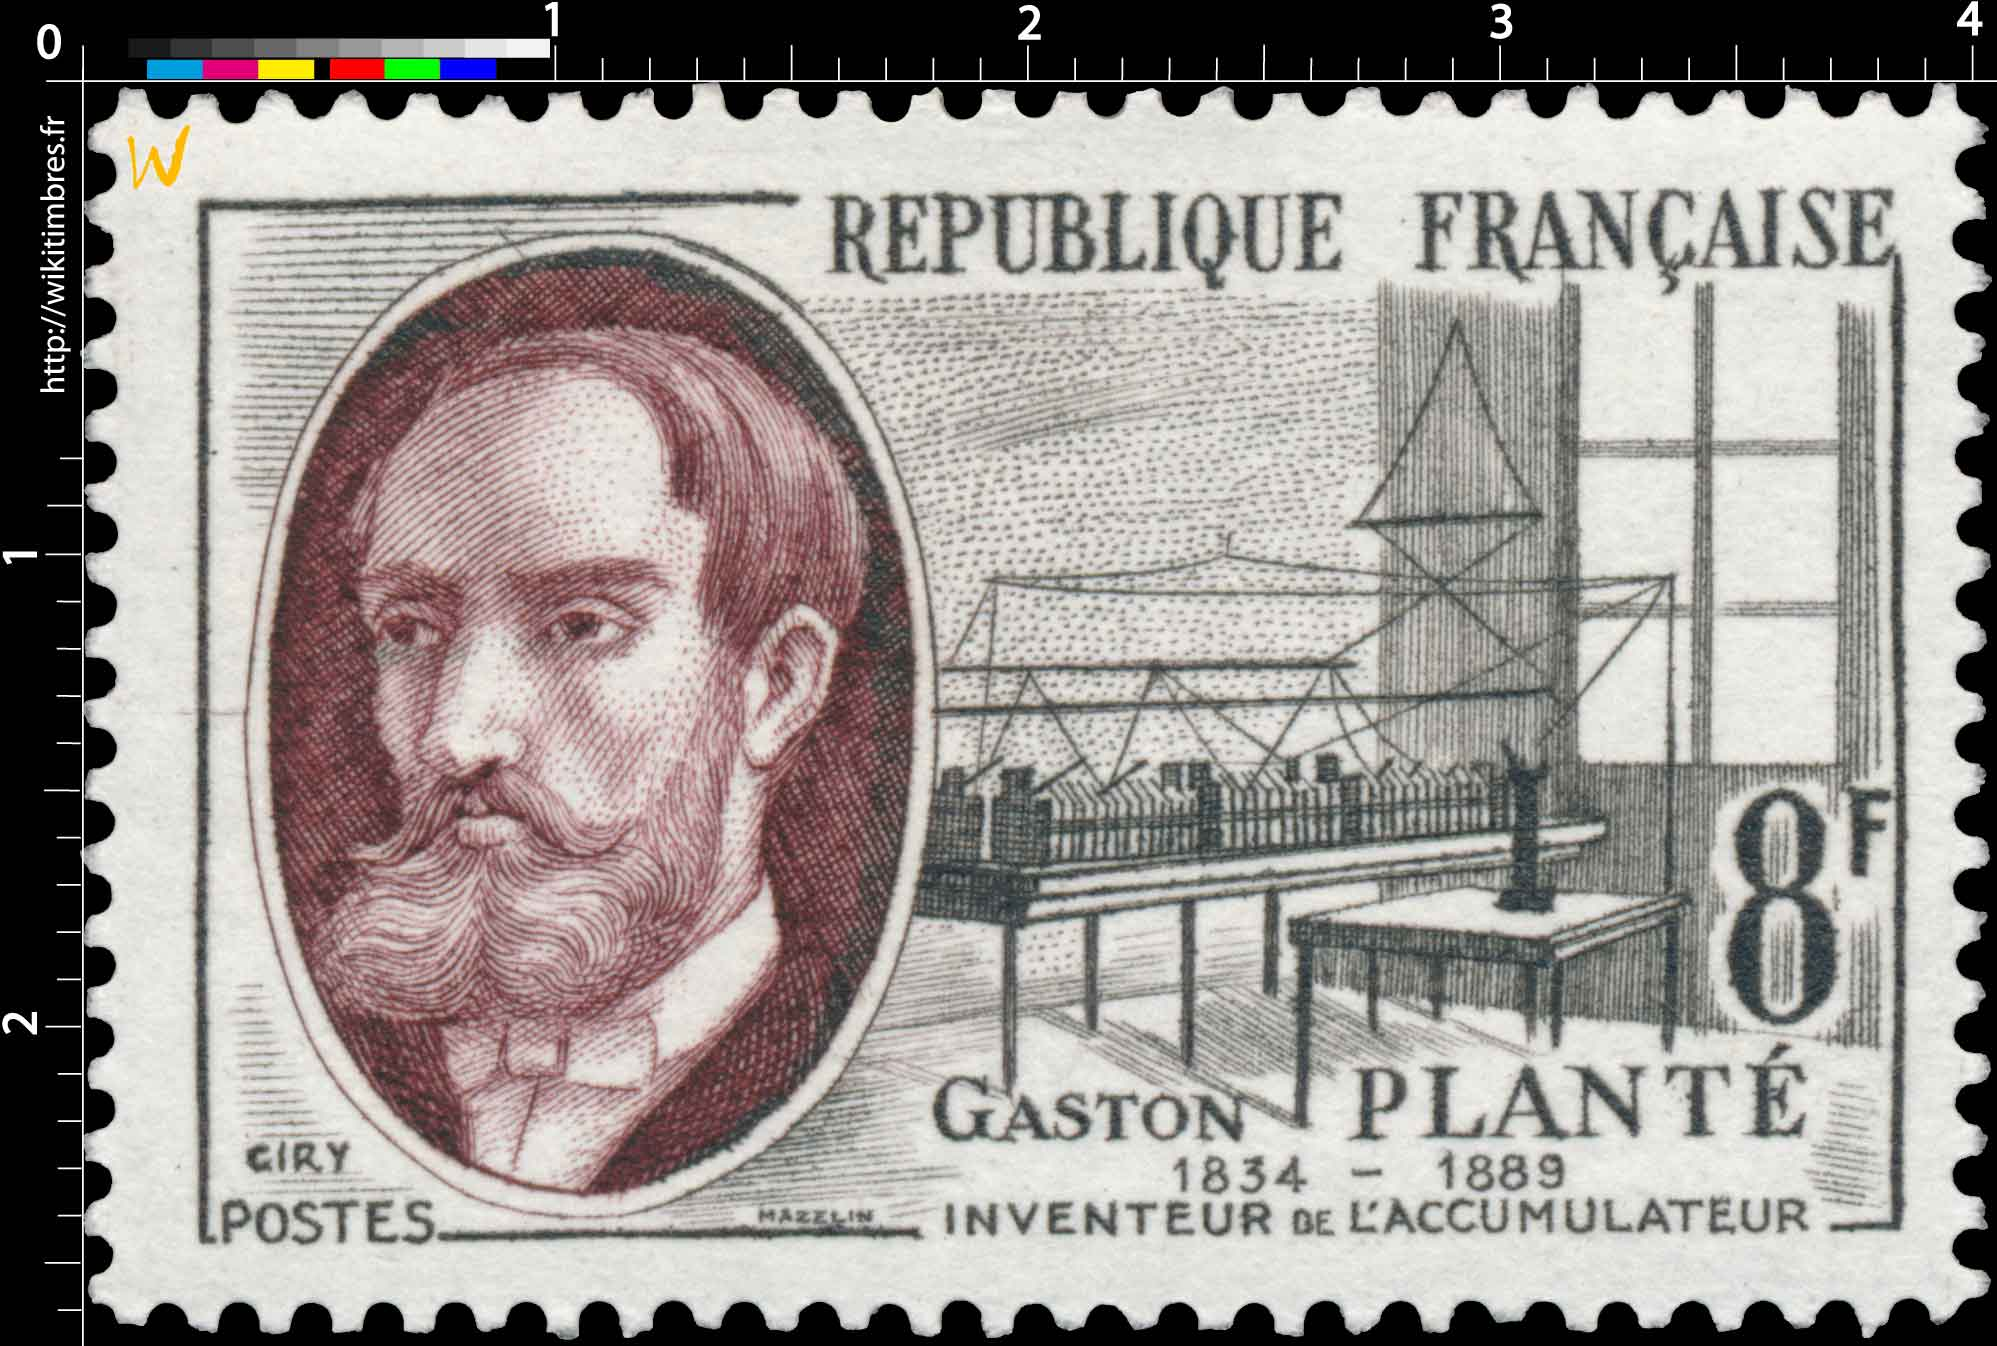 GASTON PLANTÉ 1834-1889 INVENTEUR DE L'ACCUMULATEUR